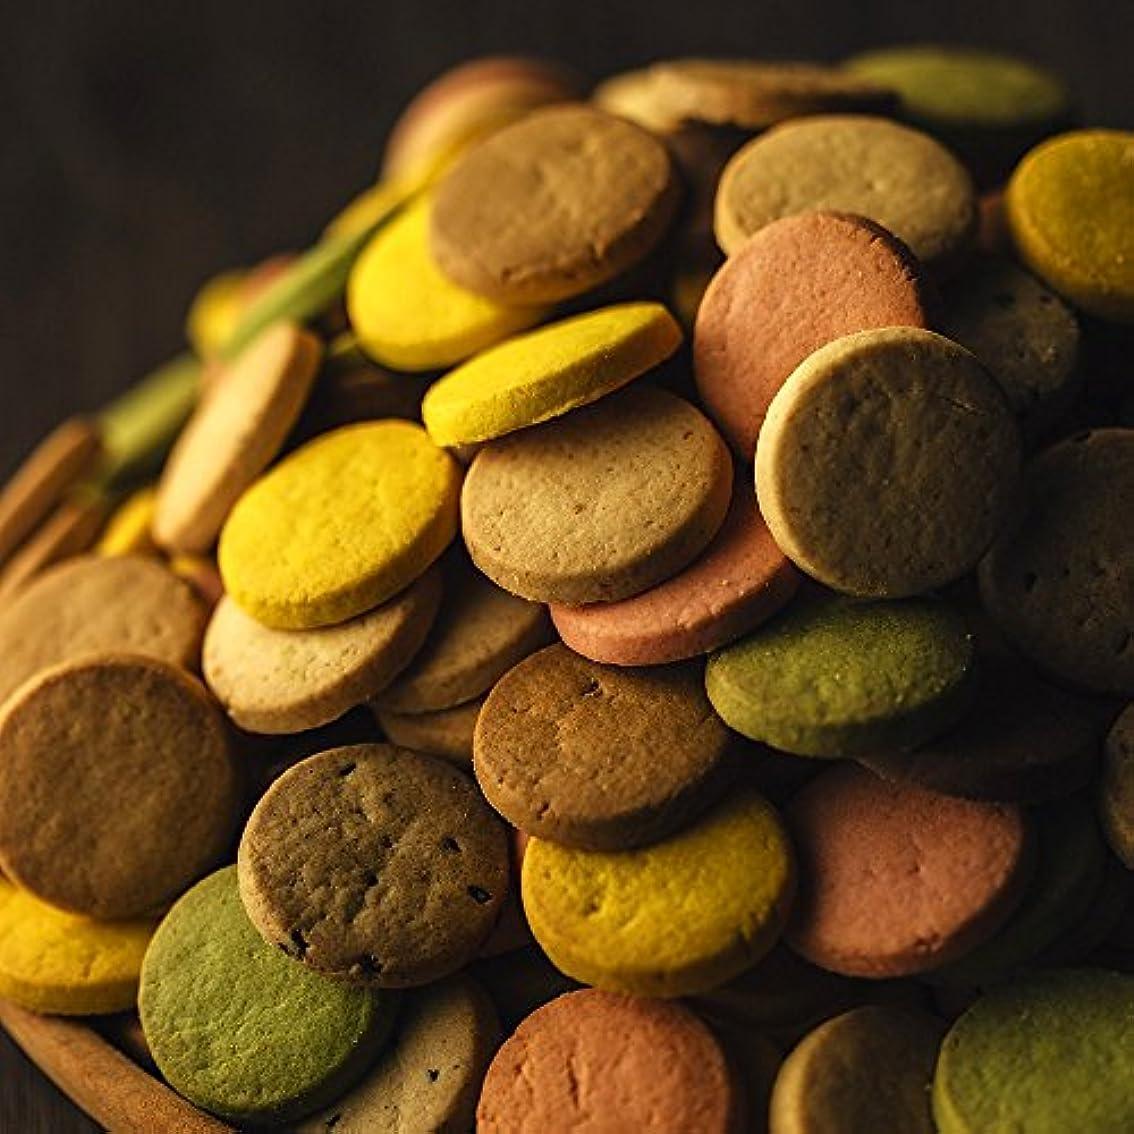 割り当てるまともな倒錯豆乳おからクッキー蒟蒻マンナン入り 2kg